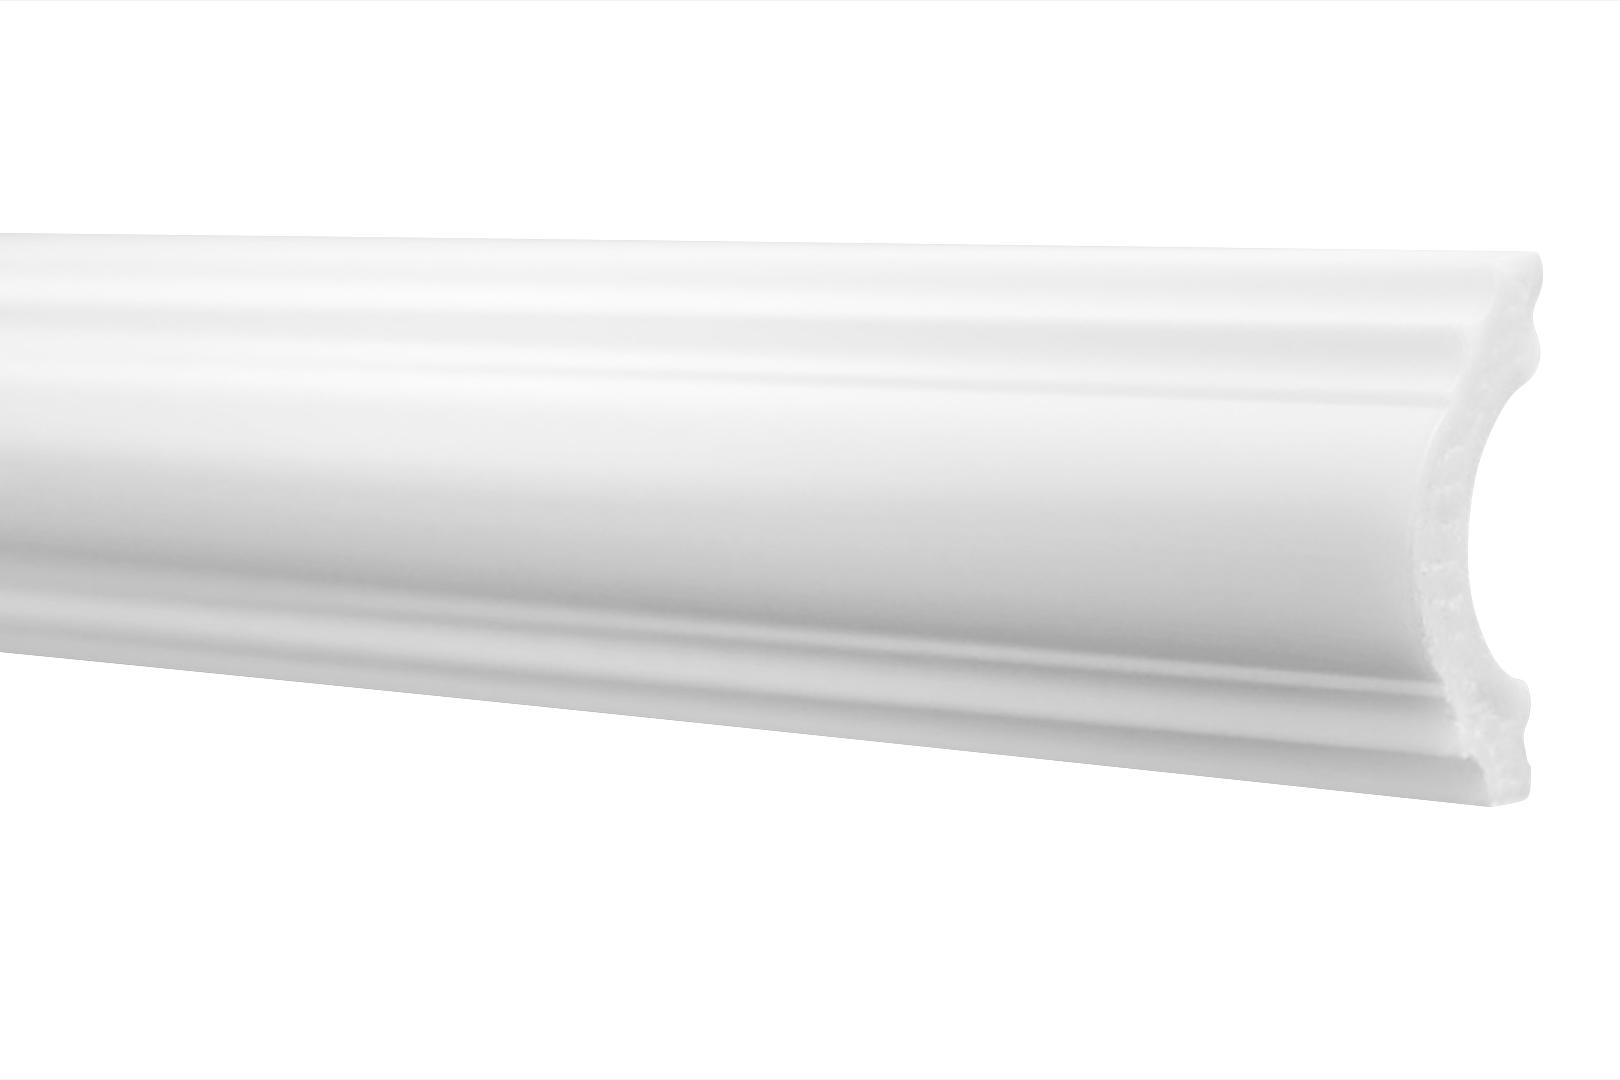 Flachleiste | Stuck | Wand | Profil | stoßfest | 20x40mm | HW-2